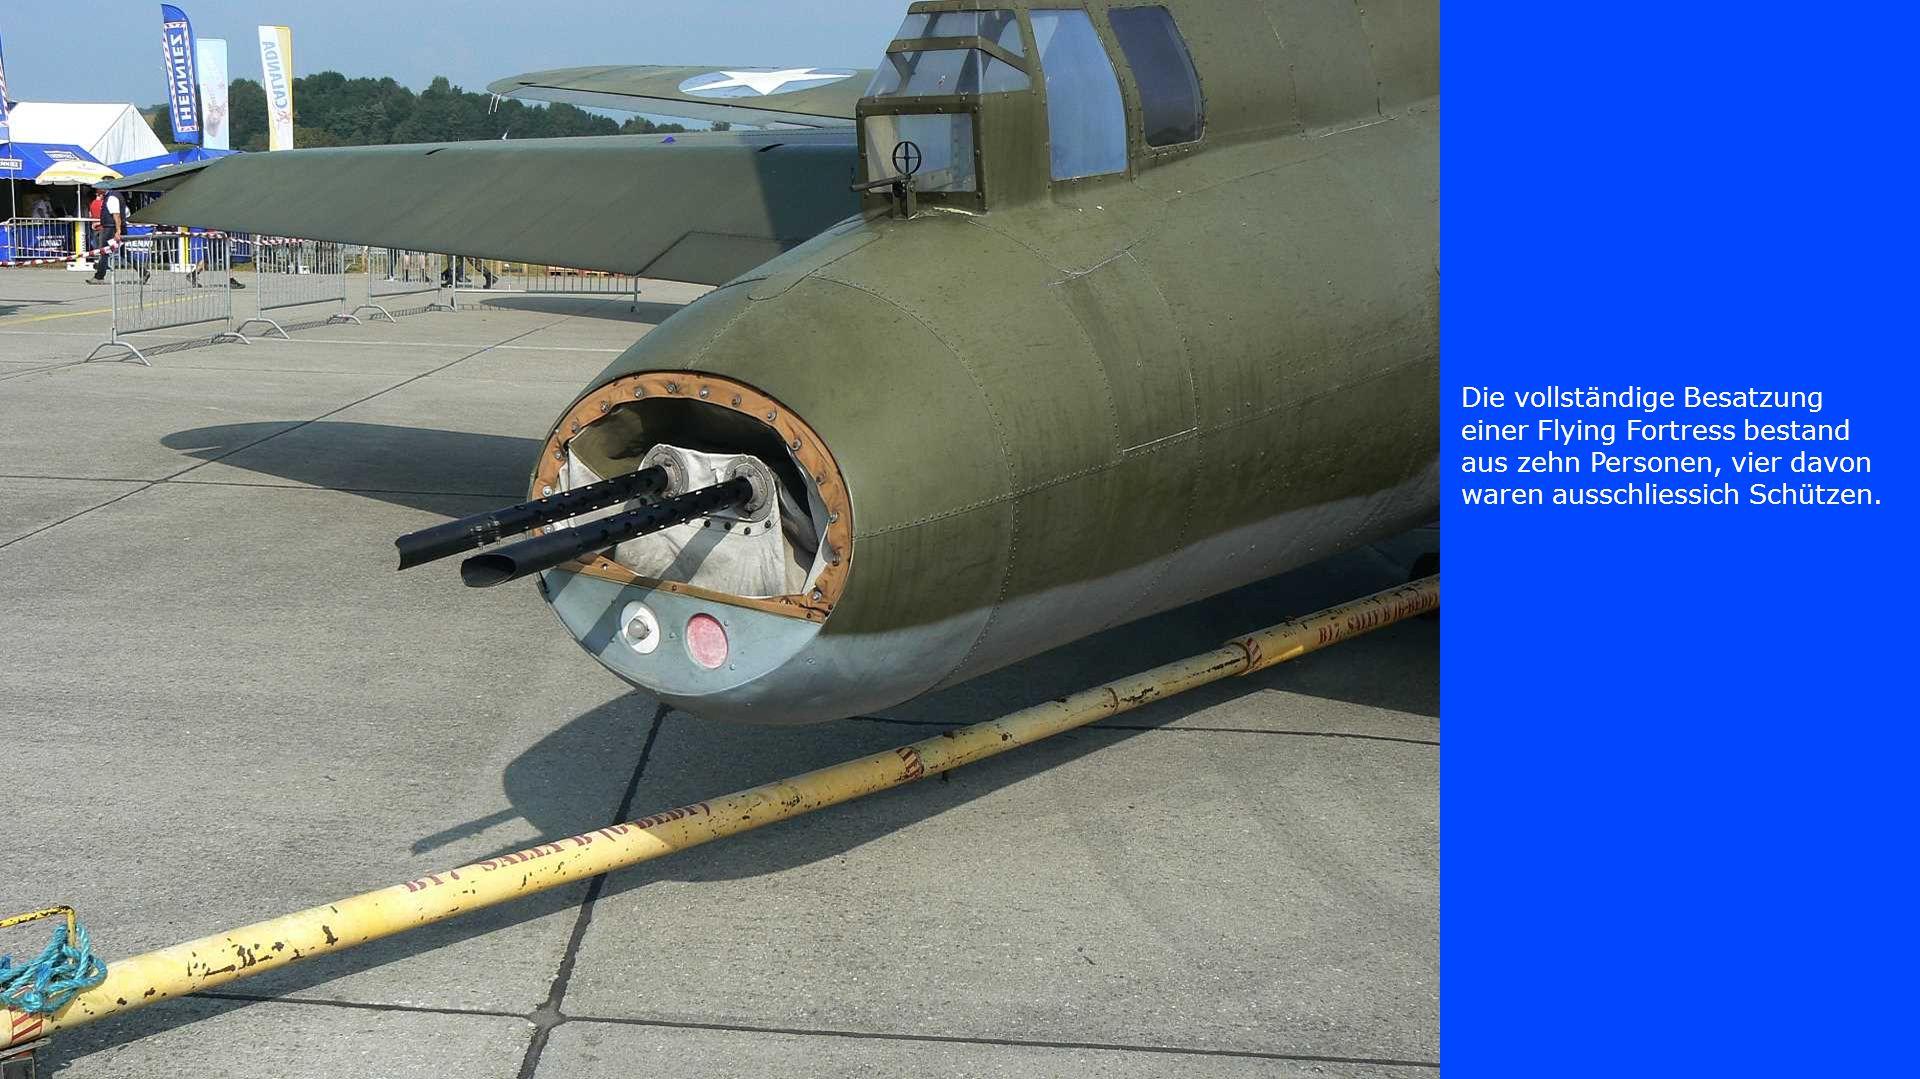 Länge x Höhe x Spannweite 22,80 x 5,85 x 31,63 m Die Besatzung bestand aus zehn Personen, vier davon waren ausschließlich MG- Schützen.